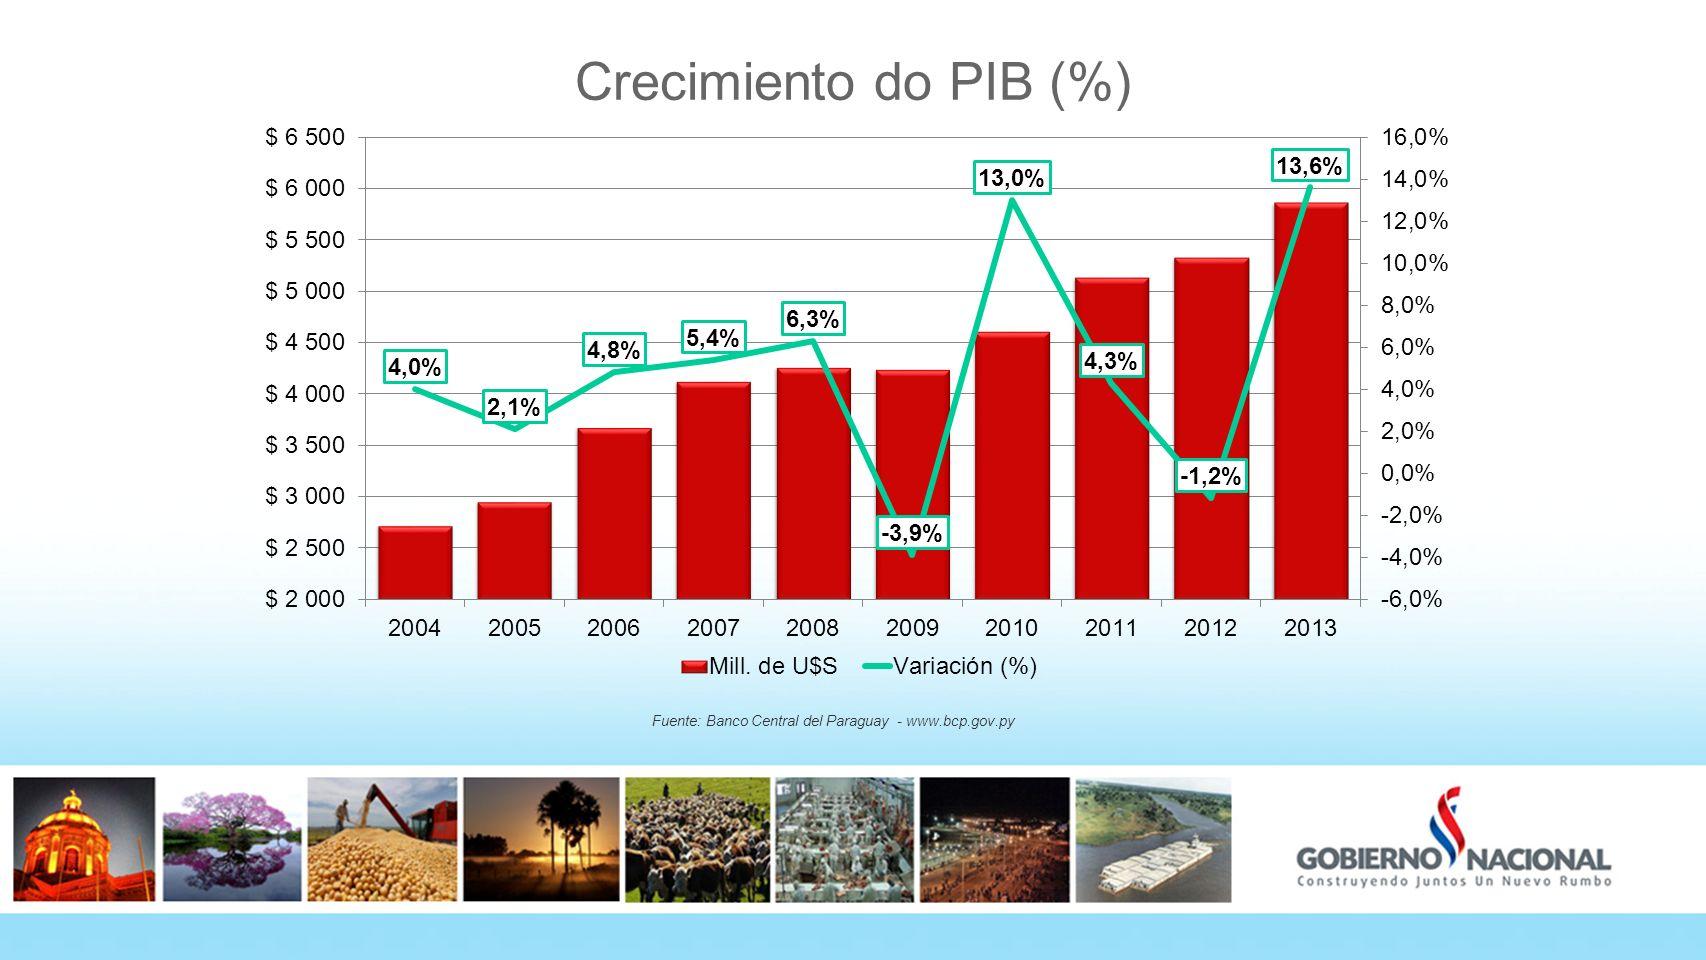 Crecimiento do PIB (%) Fuente: Banco Central del Paraguay - www.bcp.gov.py